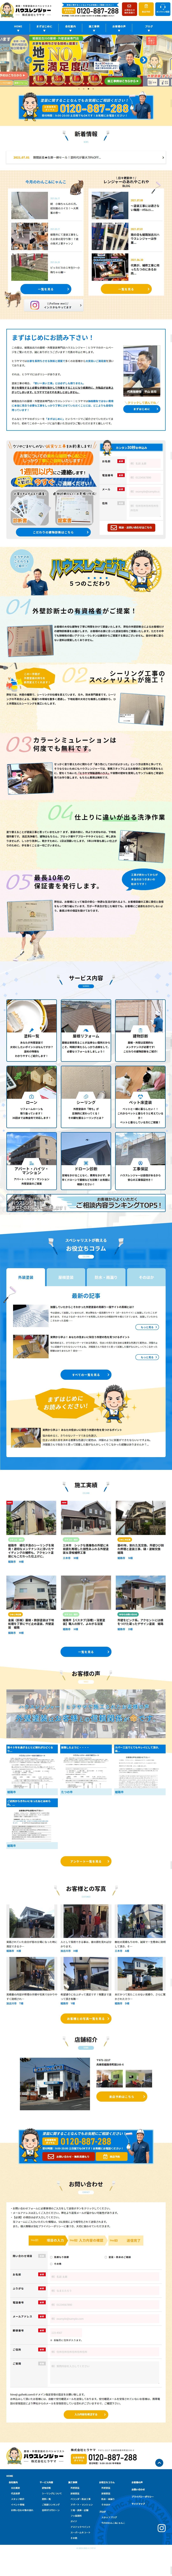 株式会社 ヒラヤマ 様 PCデザイン